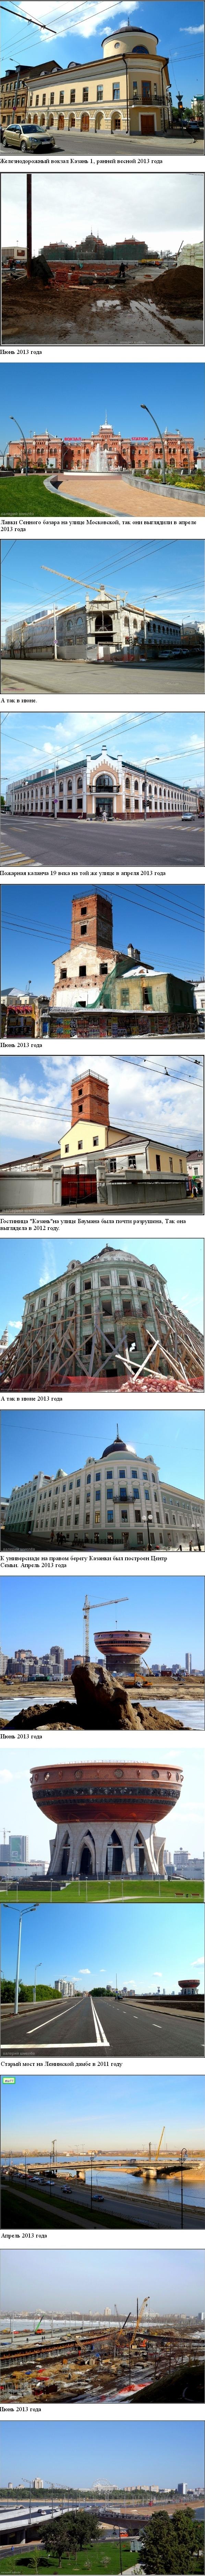 Казань до и после Универсиады 2013